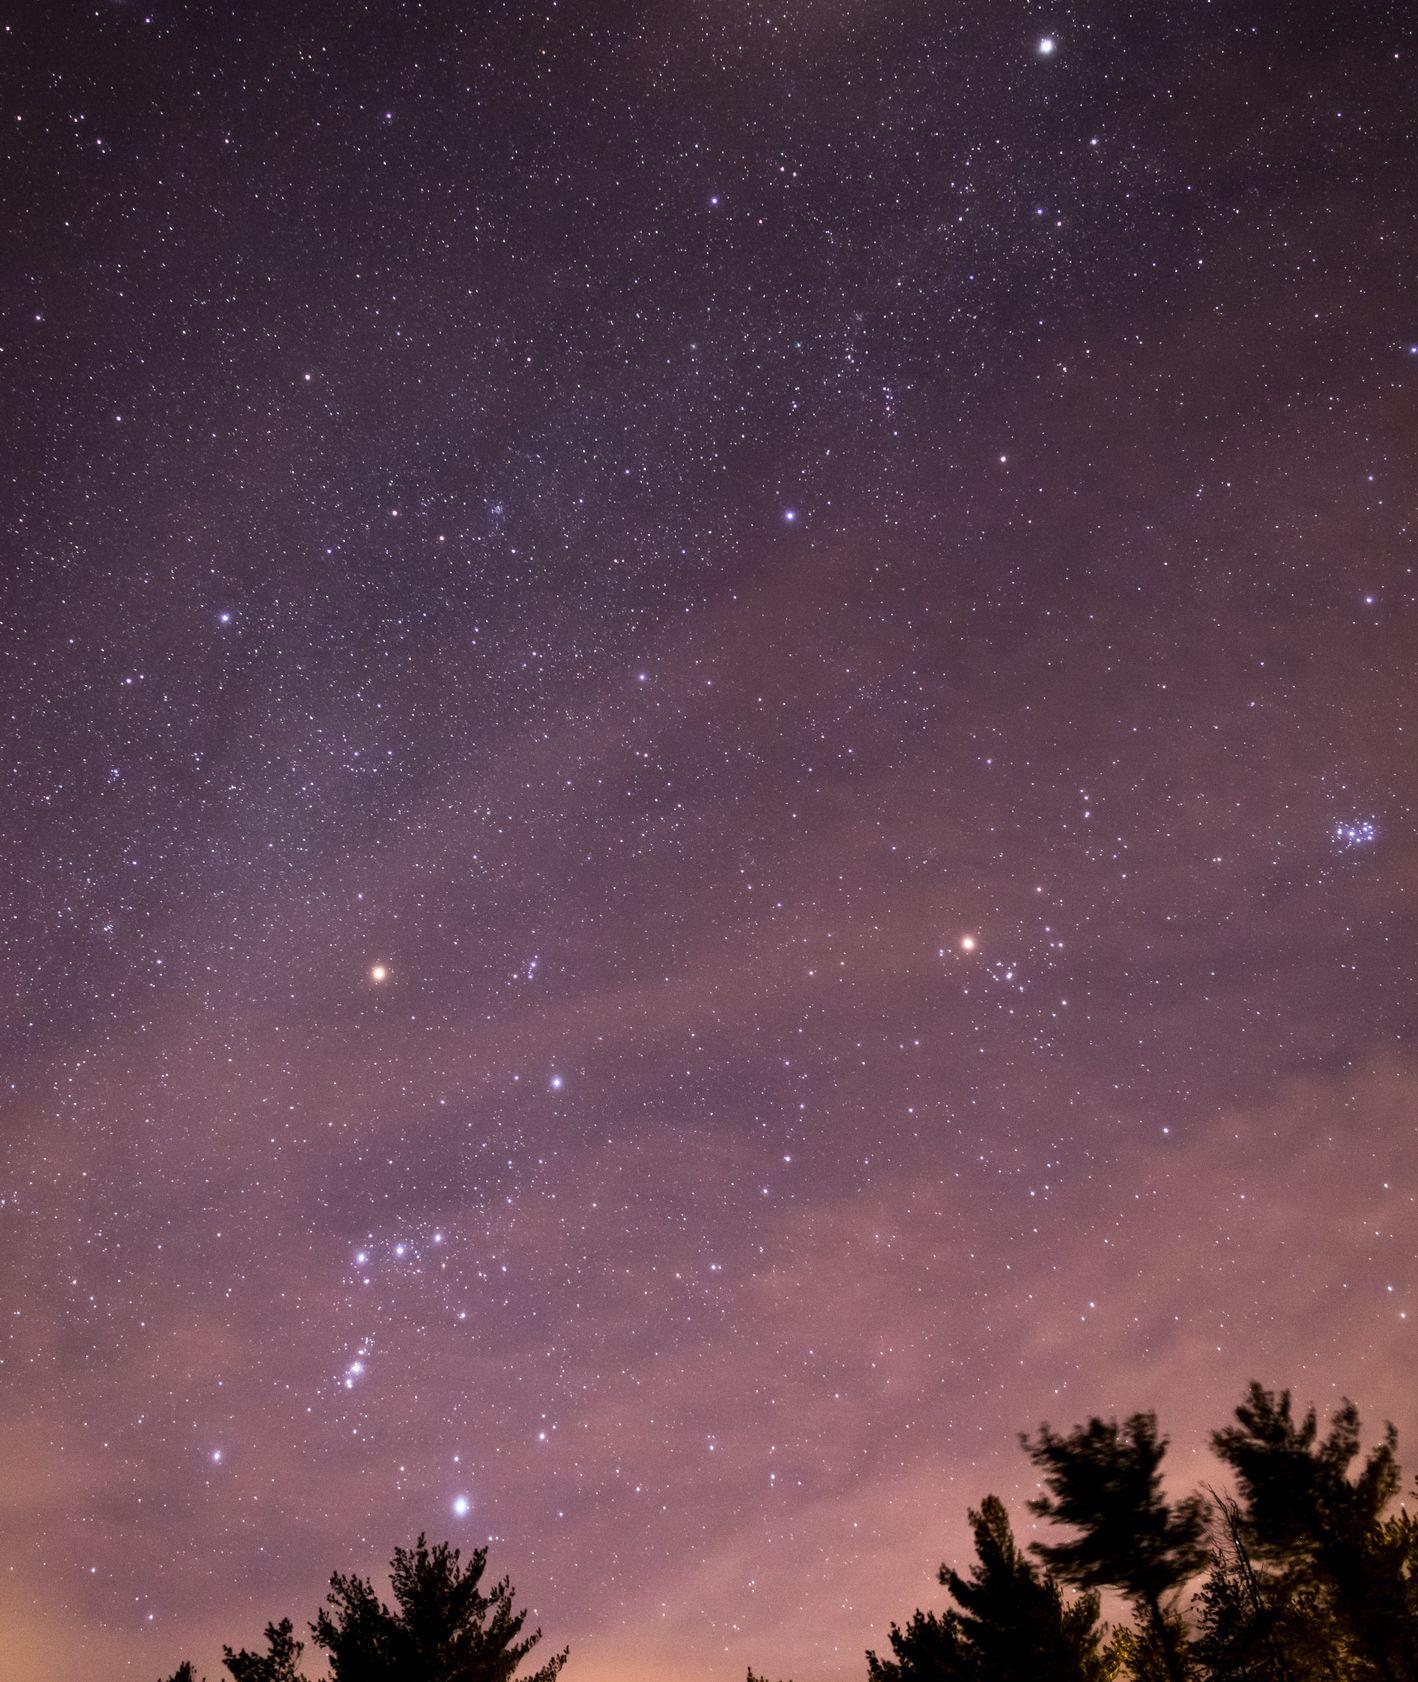 Noc Perseidów – niebo pełne gwiazd, wierzchołki świerków na horyzoncie nieba (fot. Adrian Pelletier / unsplash.com)